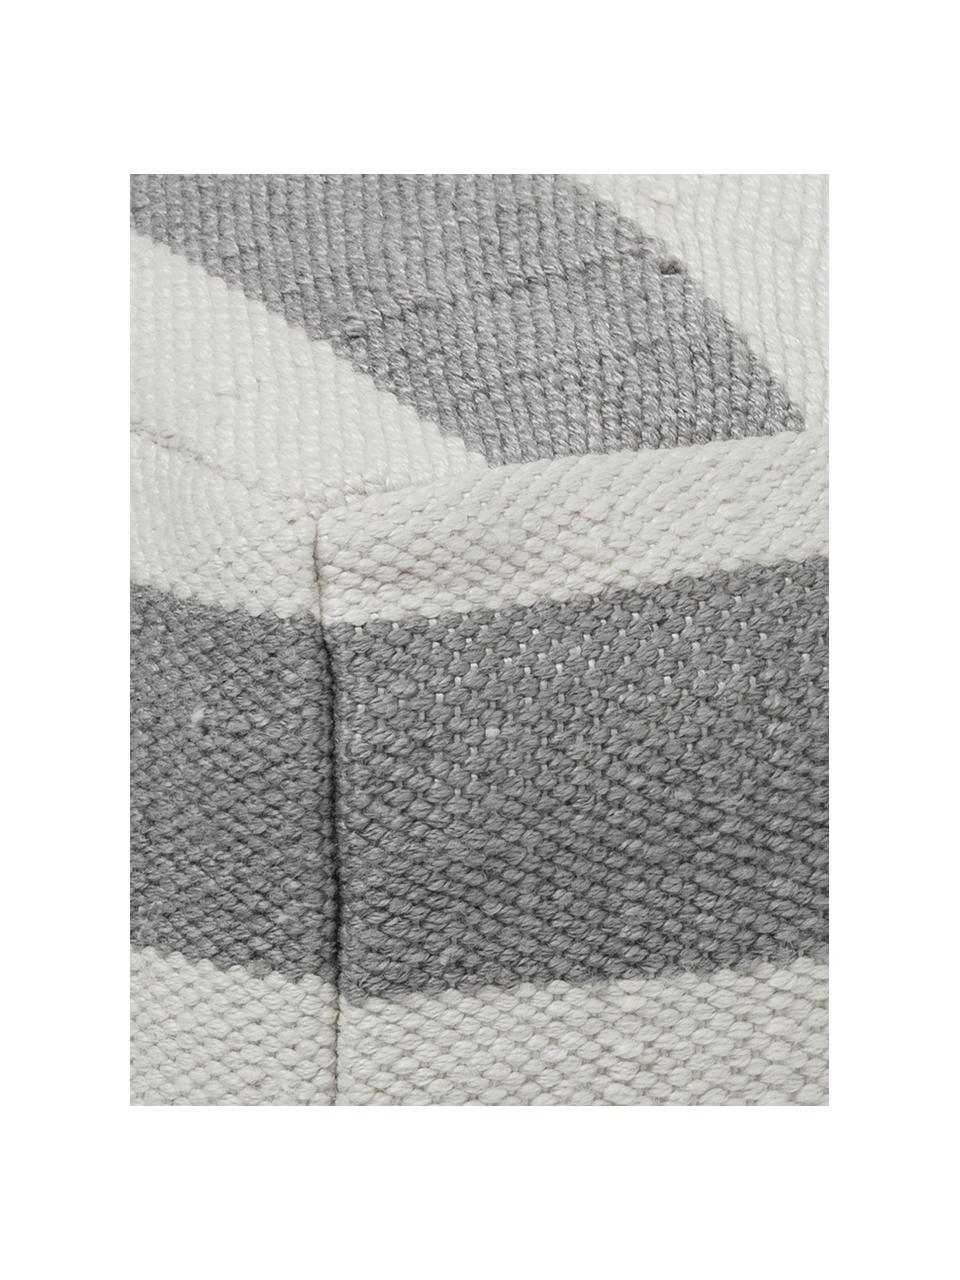 Poduszka podłogowa wewnętrzna/zewnętrzna Lani, Szary, ecru, S 63 x W 30 cm